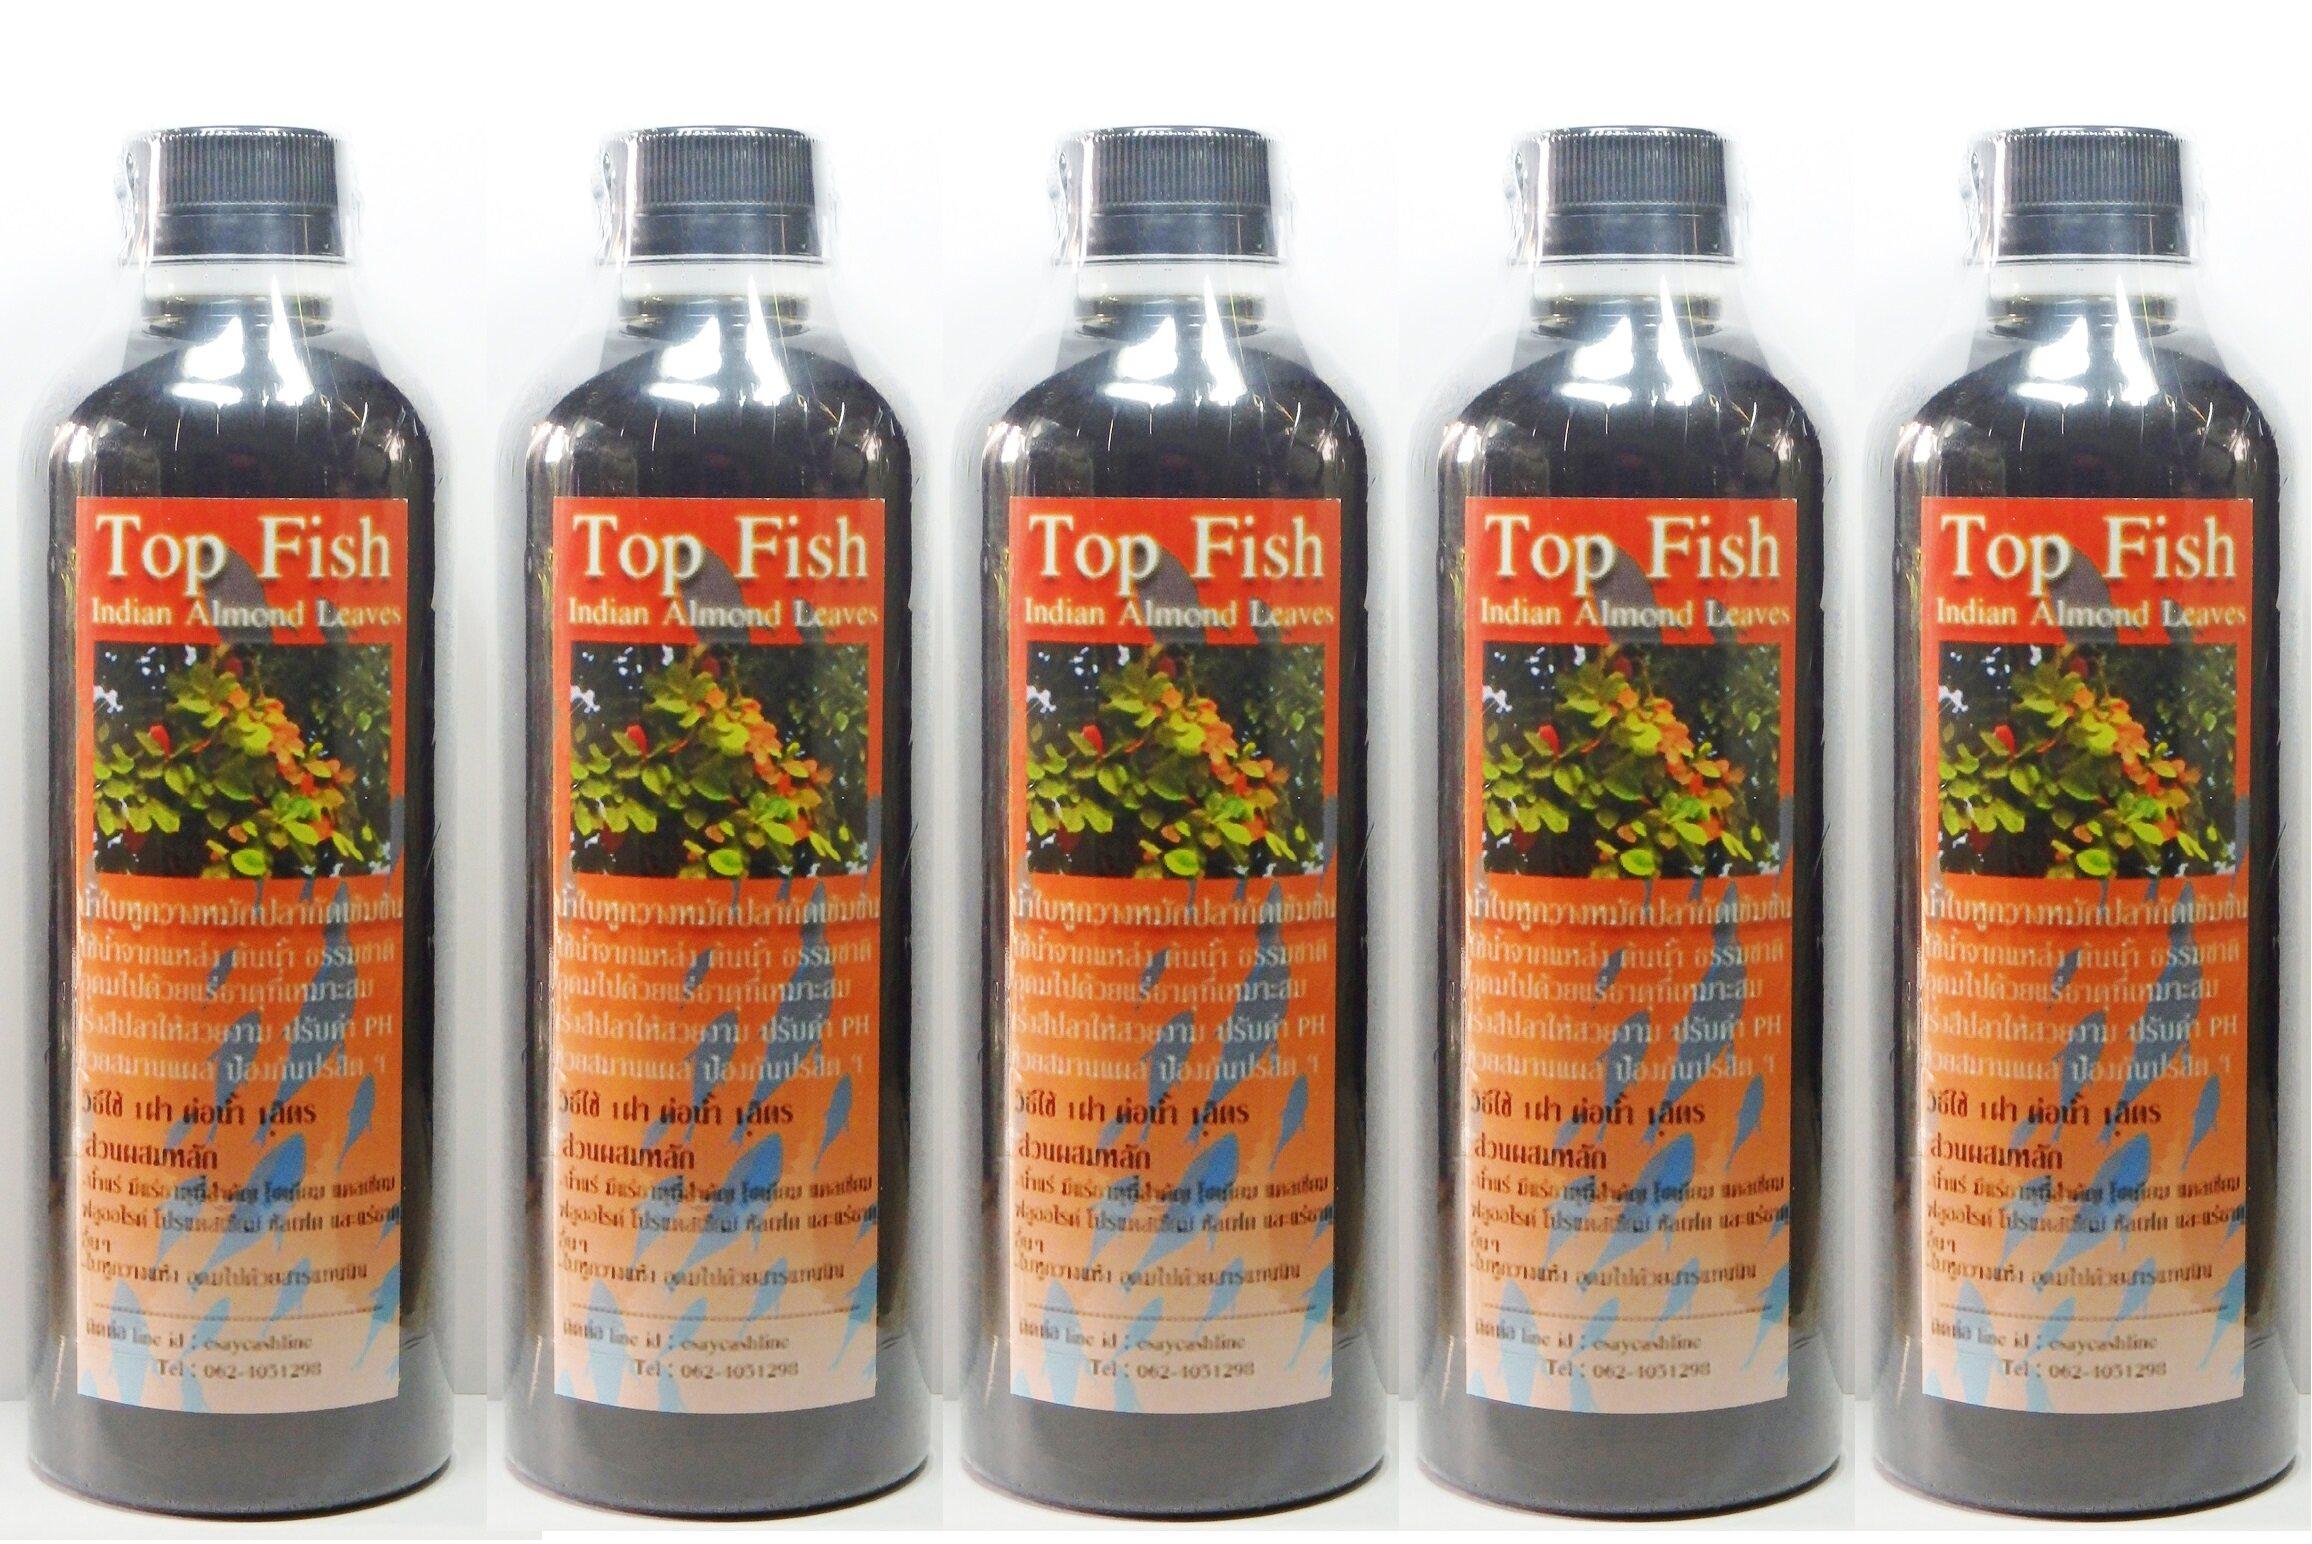 สปา น้ำแร่ หมักใบหูกวาง เข้มข้น ปริมาตร 500 มิลลิลิตร สปา สำหรับปลากัด อุดมด้วยแร่ธาตุ(ไม่ผสมเกลือ)